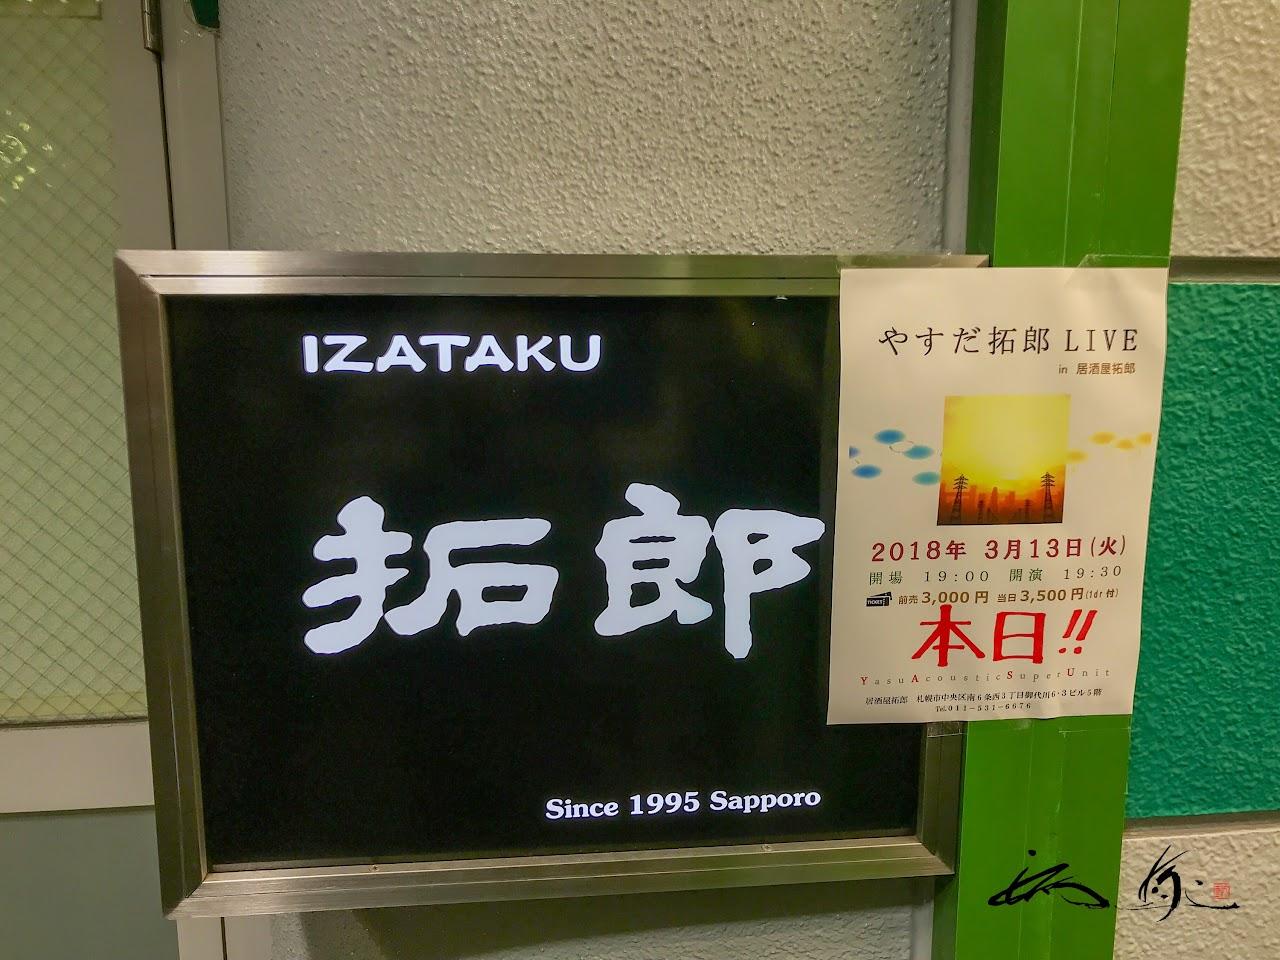 入口看板「IZATAKU拓郎」